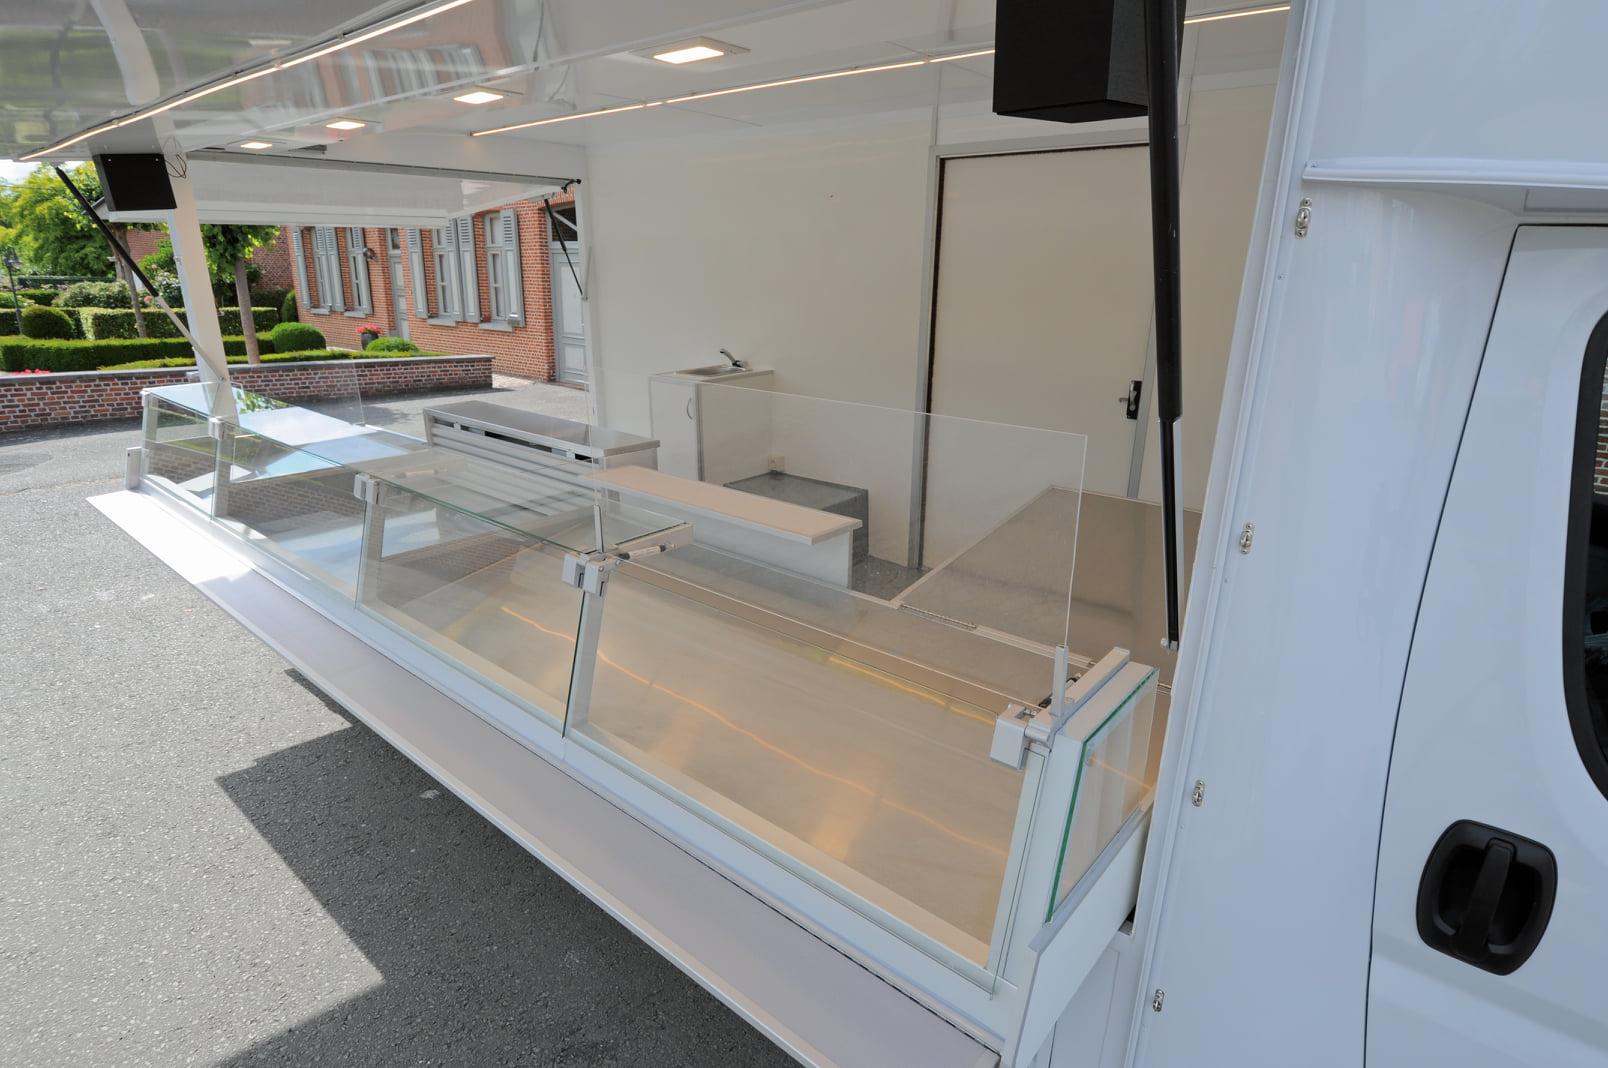 deze-winkelwagen-voor-bakkerij-De-Winne-is-puur-17-6-2020--3